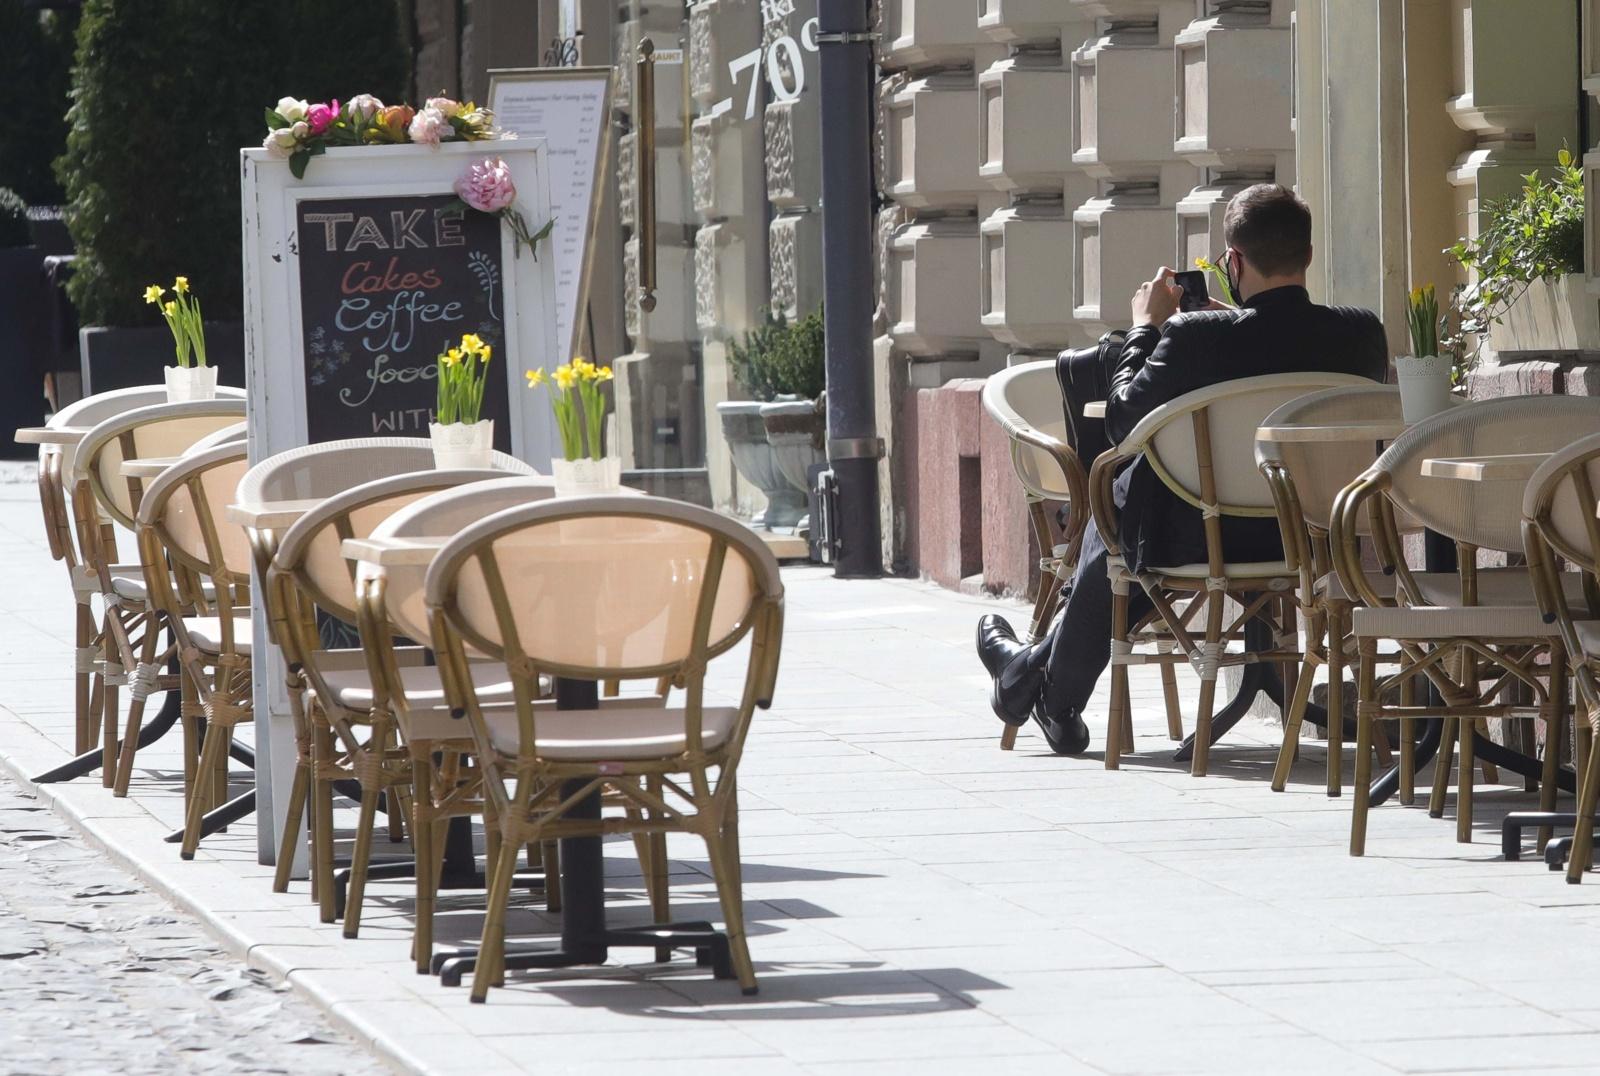 Ministerija: reikia suderinti atitinkamas alkoholio kontrolės įstatymų nuostatas dėl prekybos alkoholiu lauko kavinėse